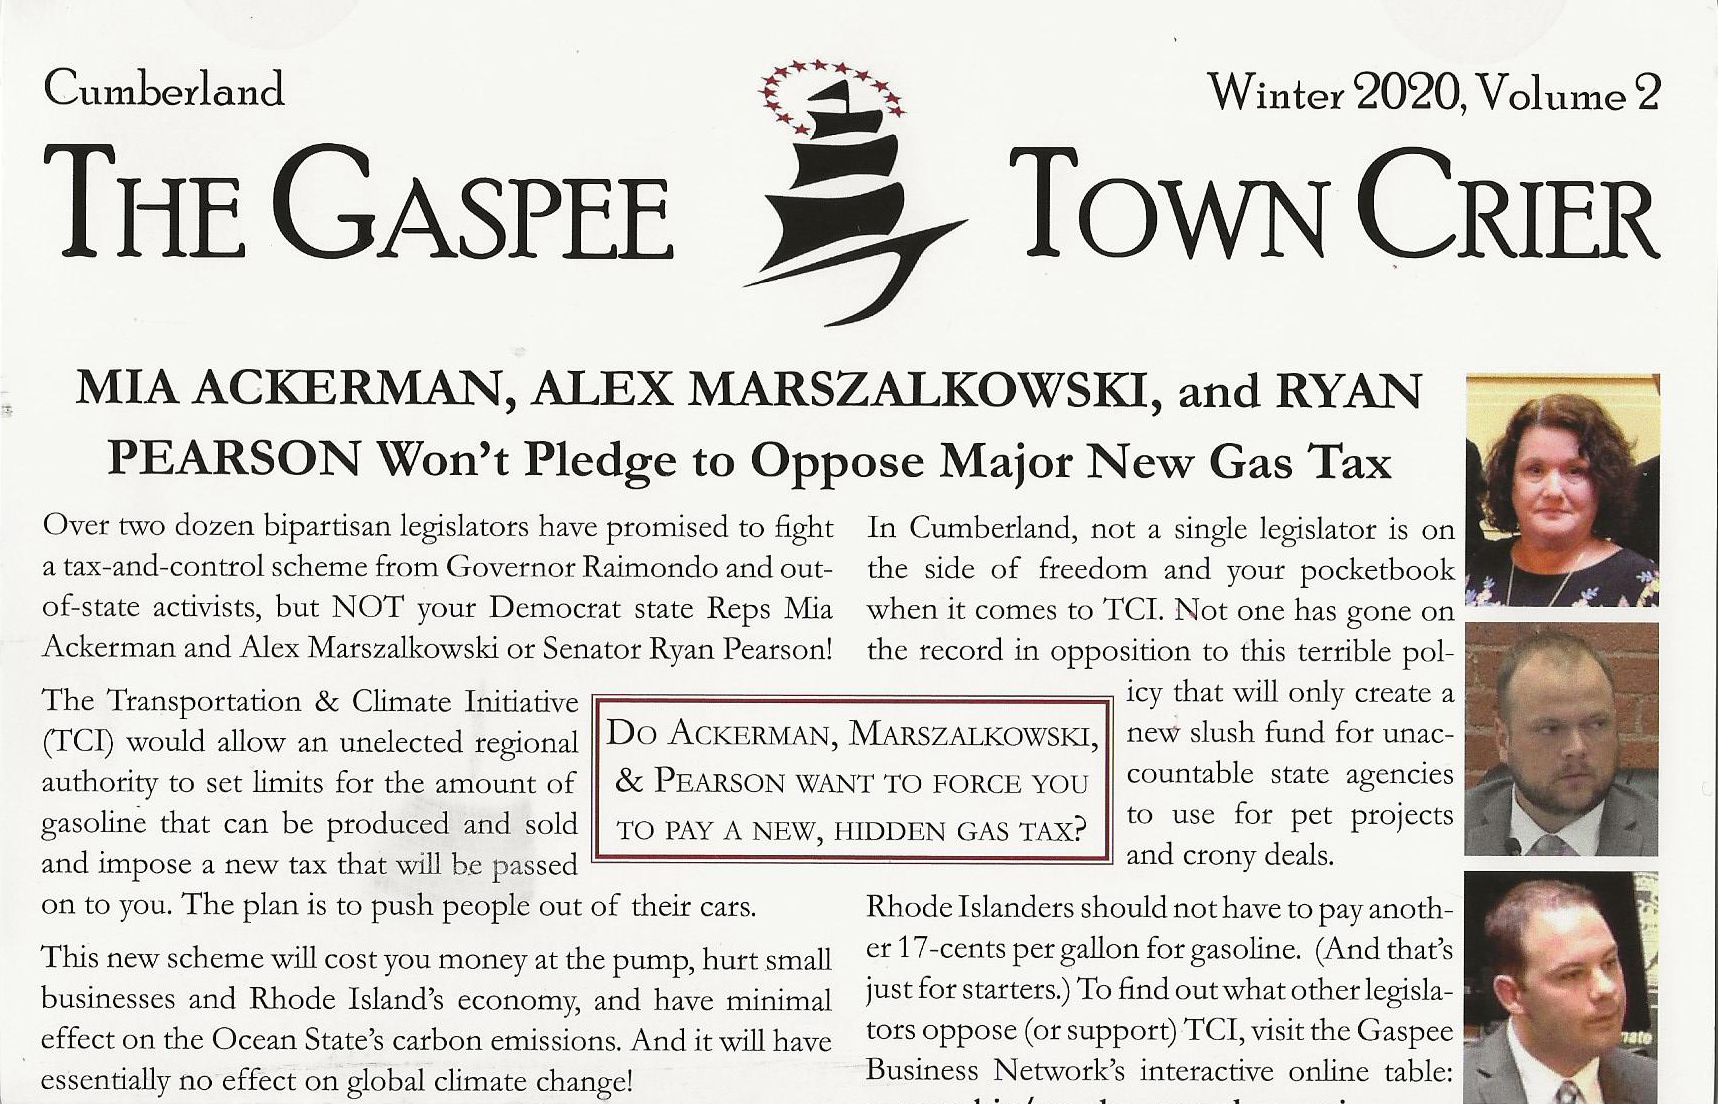 Gaspee Project Strikes Again:  Mia Ackerman, Alex Marszalkowski, and Ryan Pearson want your gas prices to go up